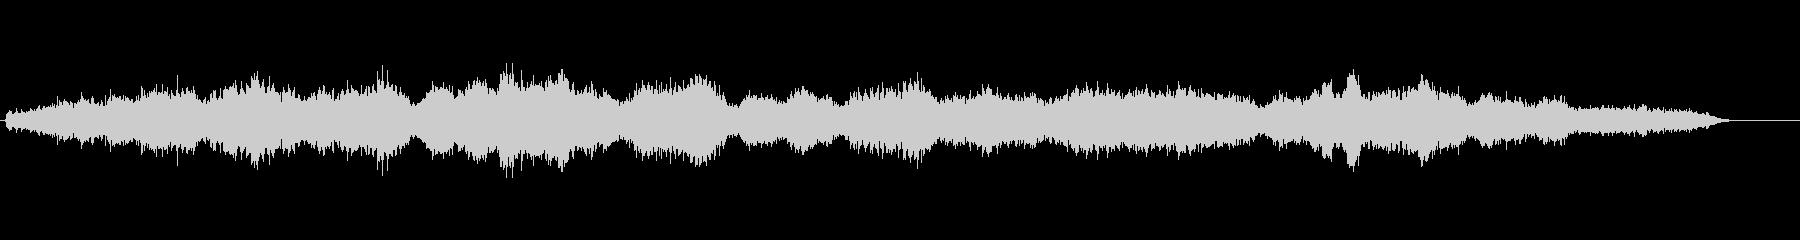 カッチーニのアベマリアの冒頭部分を即興…の未再生の波形